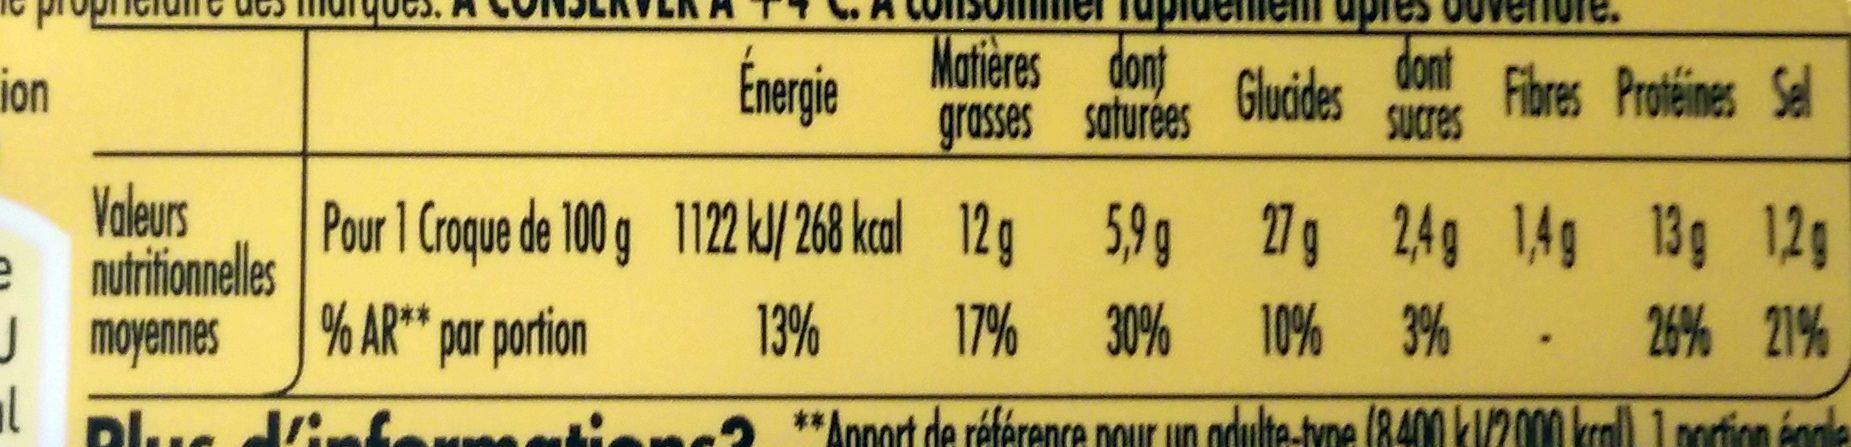 Tendre Croc' L'Original Jambon Fromage -25% de Sel - Informations nutritionnelles - fr